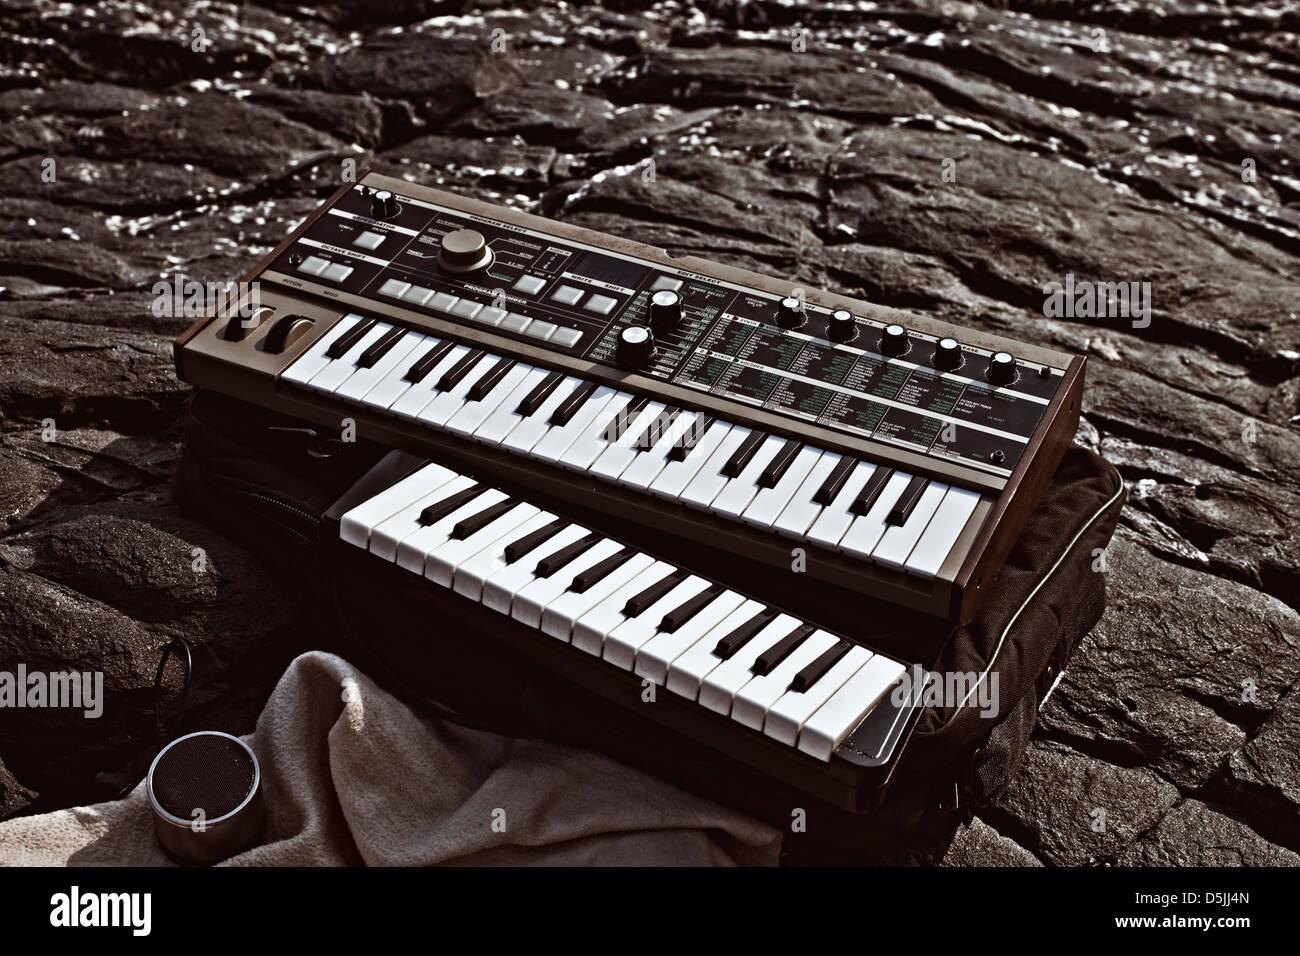 Music synthesizer lying on rocks close up - Stock Image